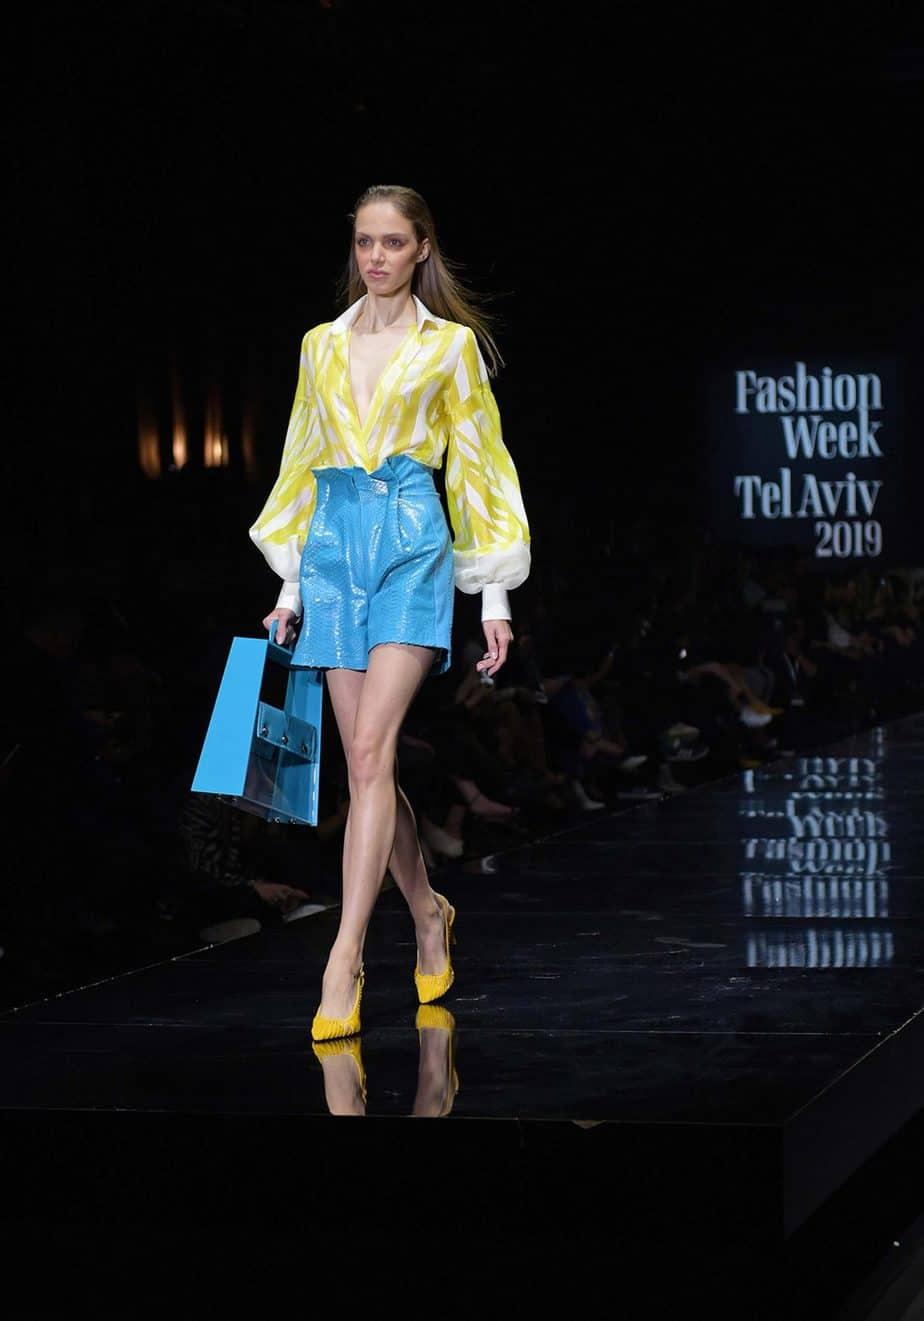 שי שלום. שבוע האופנה תל אביב 2019. צילום סרג'ו סטרודובצב - 6